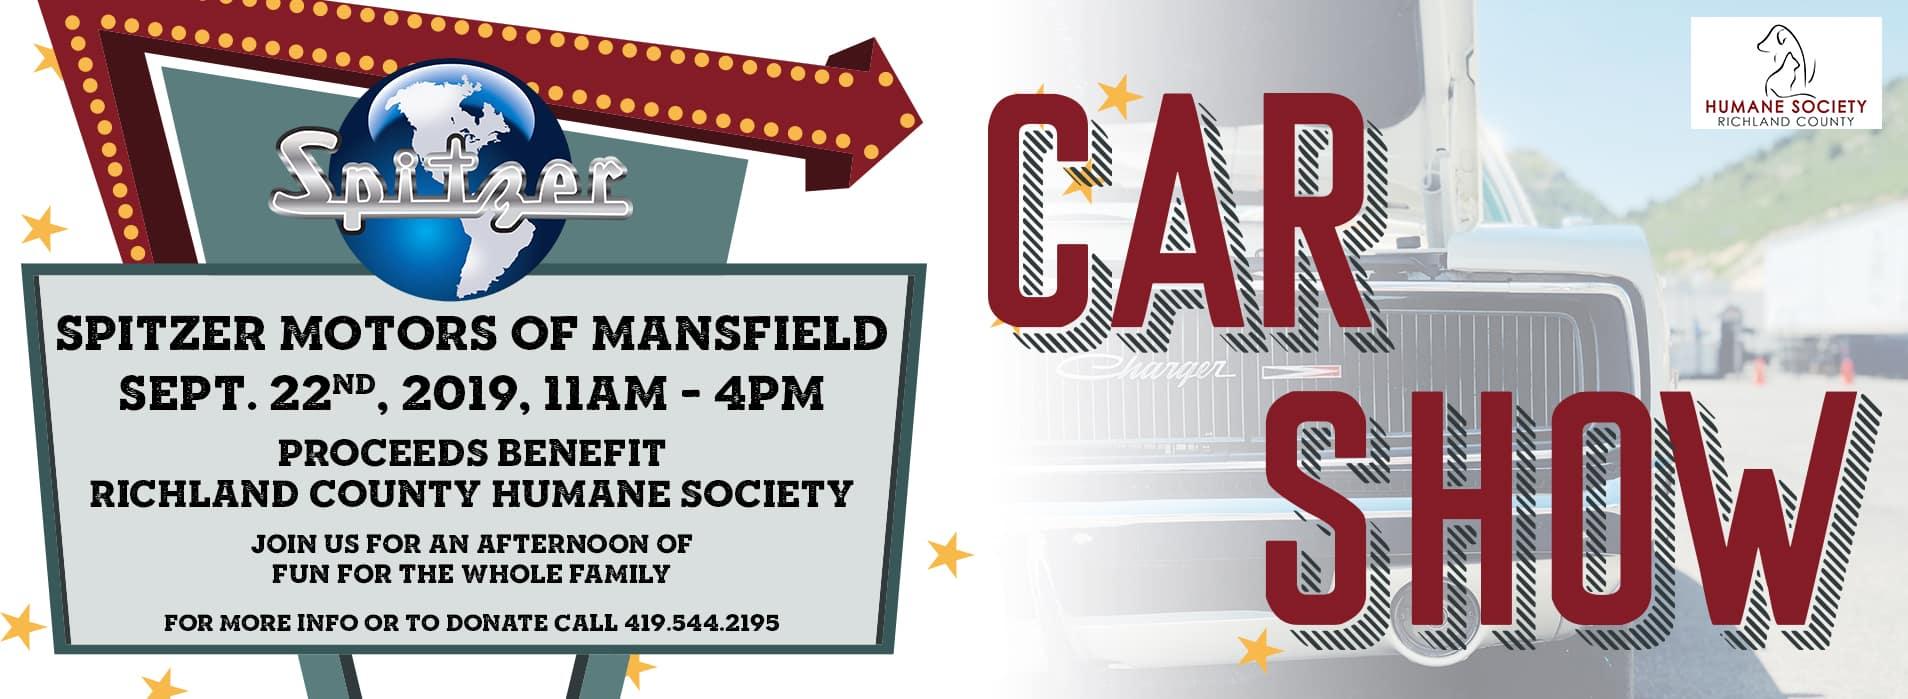 Mansfield Car Show | Sept 22, 2019